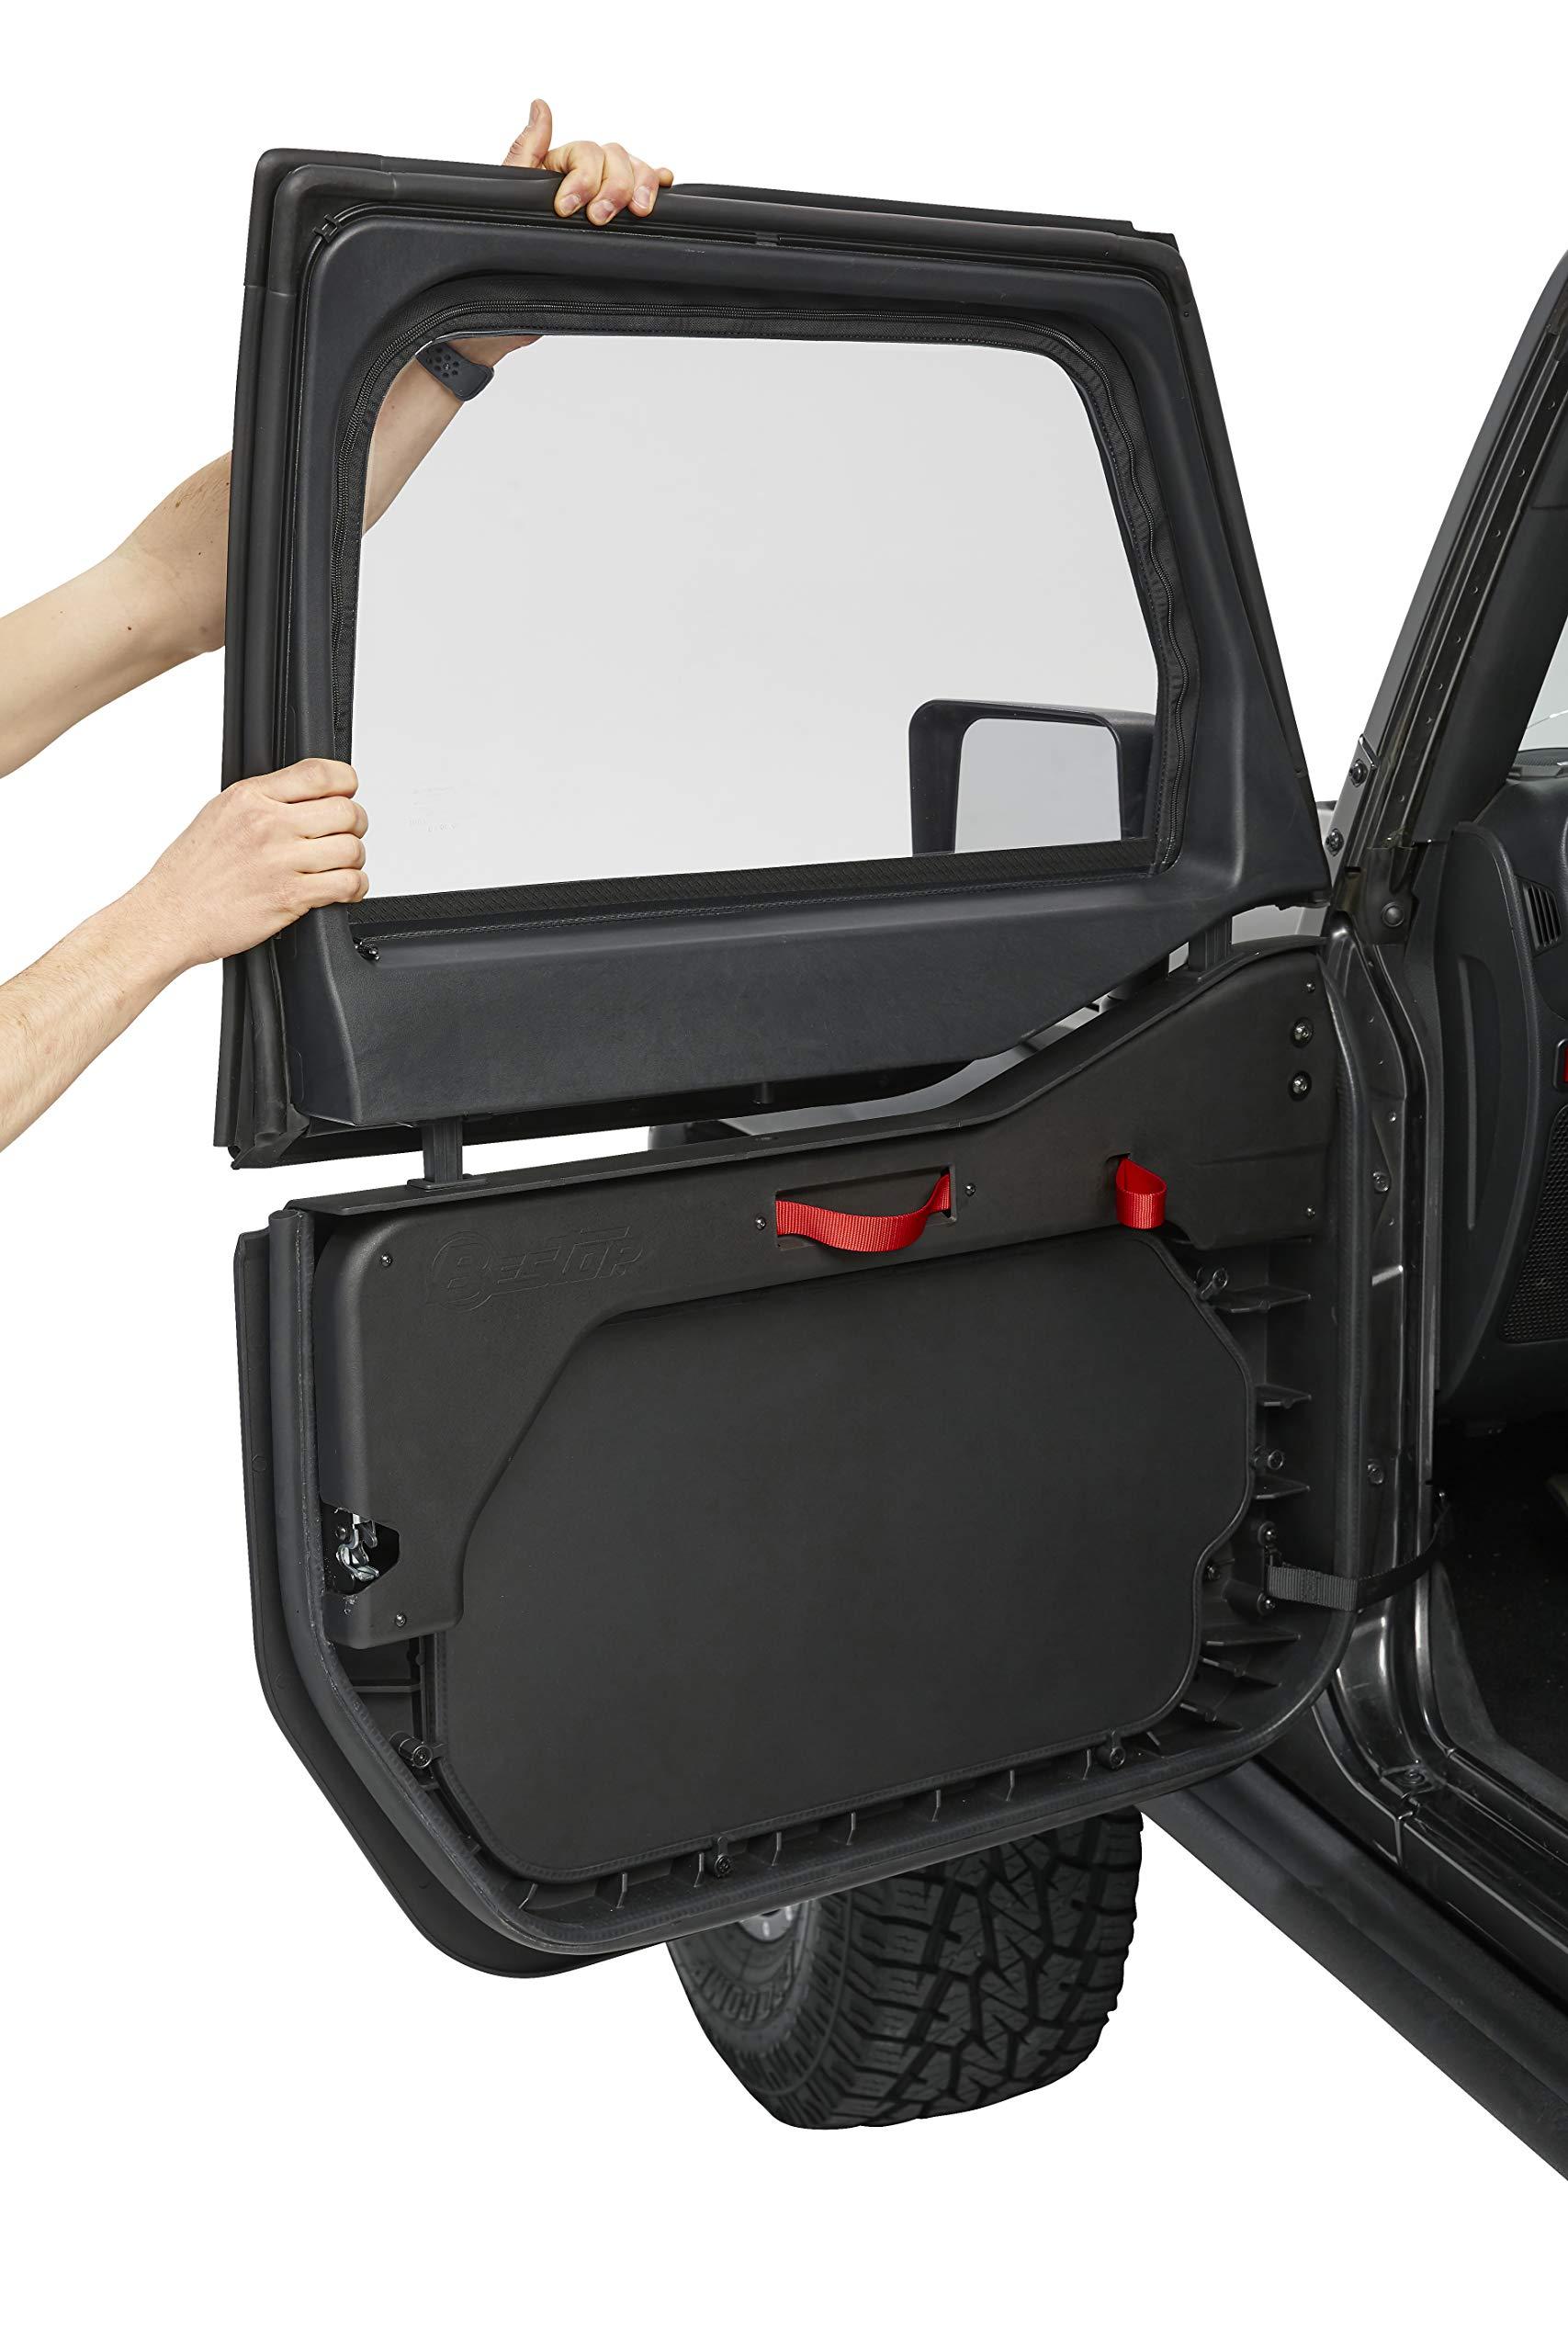 Jeep Genuine Accessories 82212132 Front Upper Half Door Window